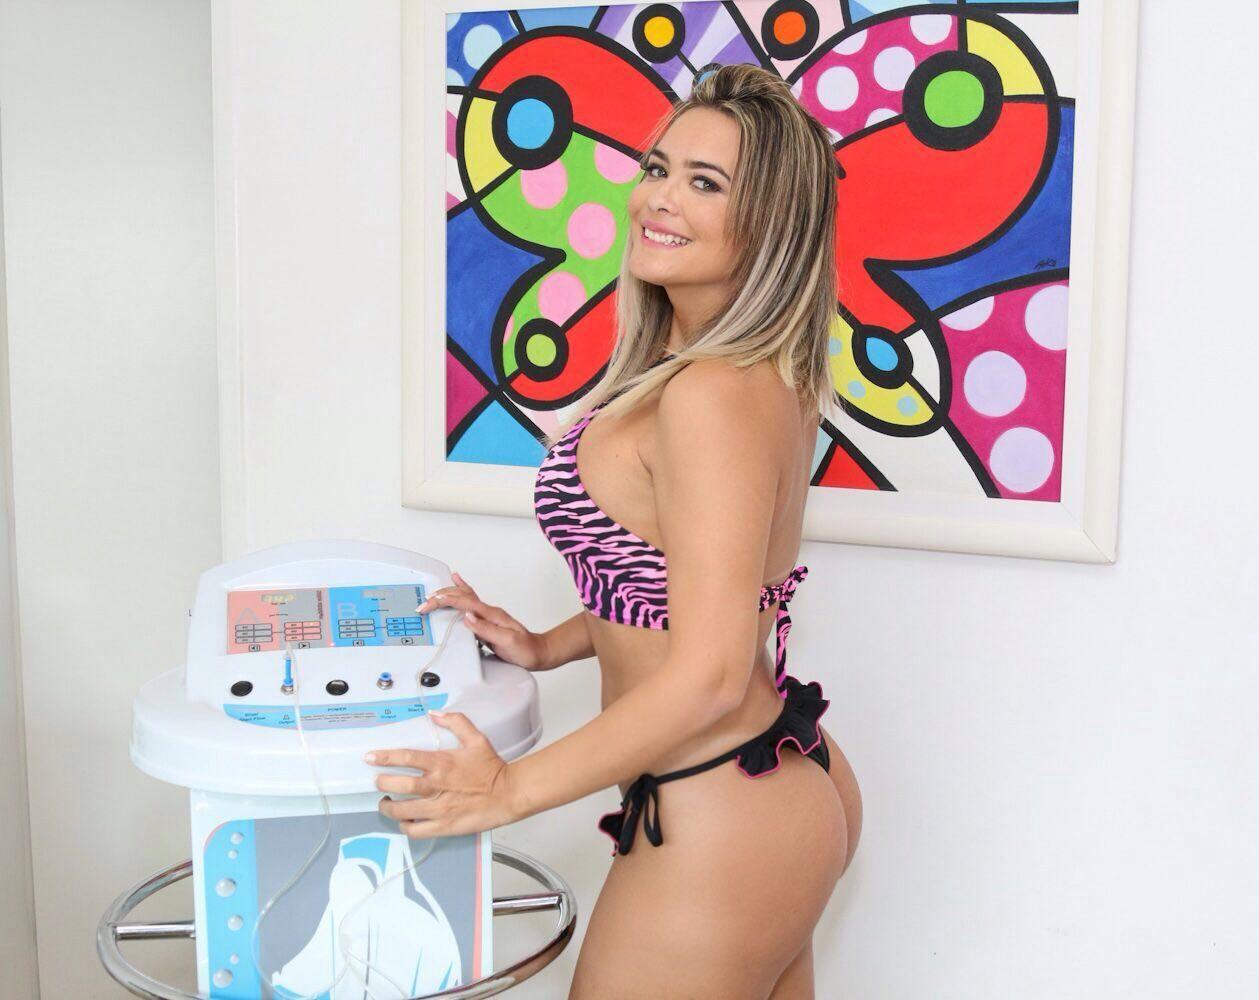 Geisy Arruda (Foto: Divulgação/Agência Fio Condutor)